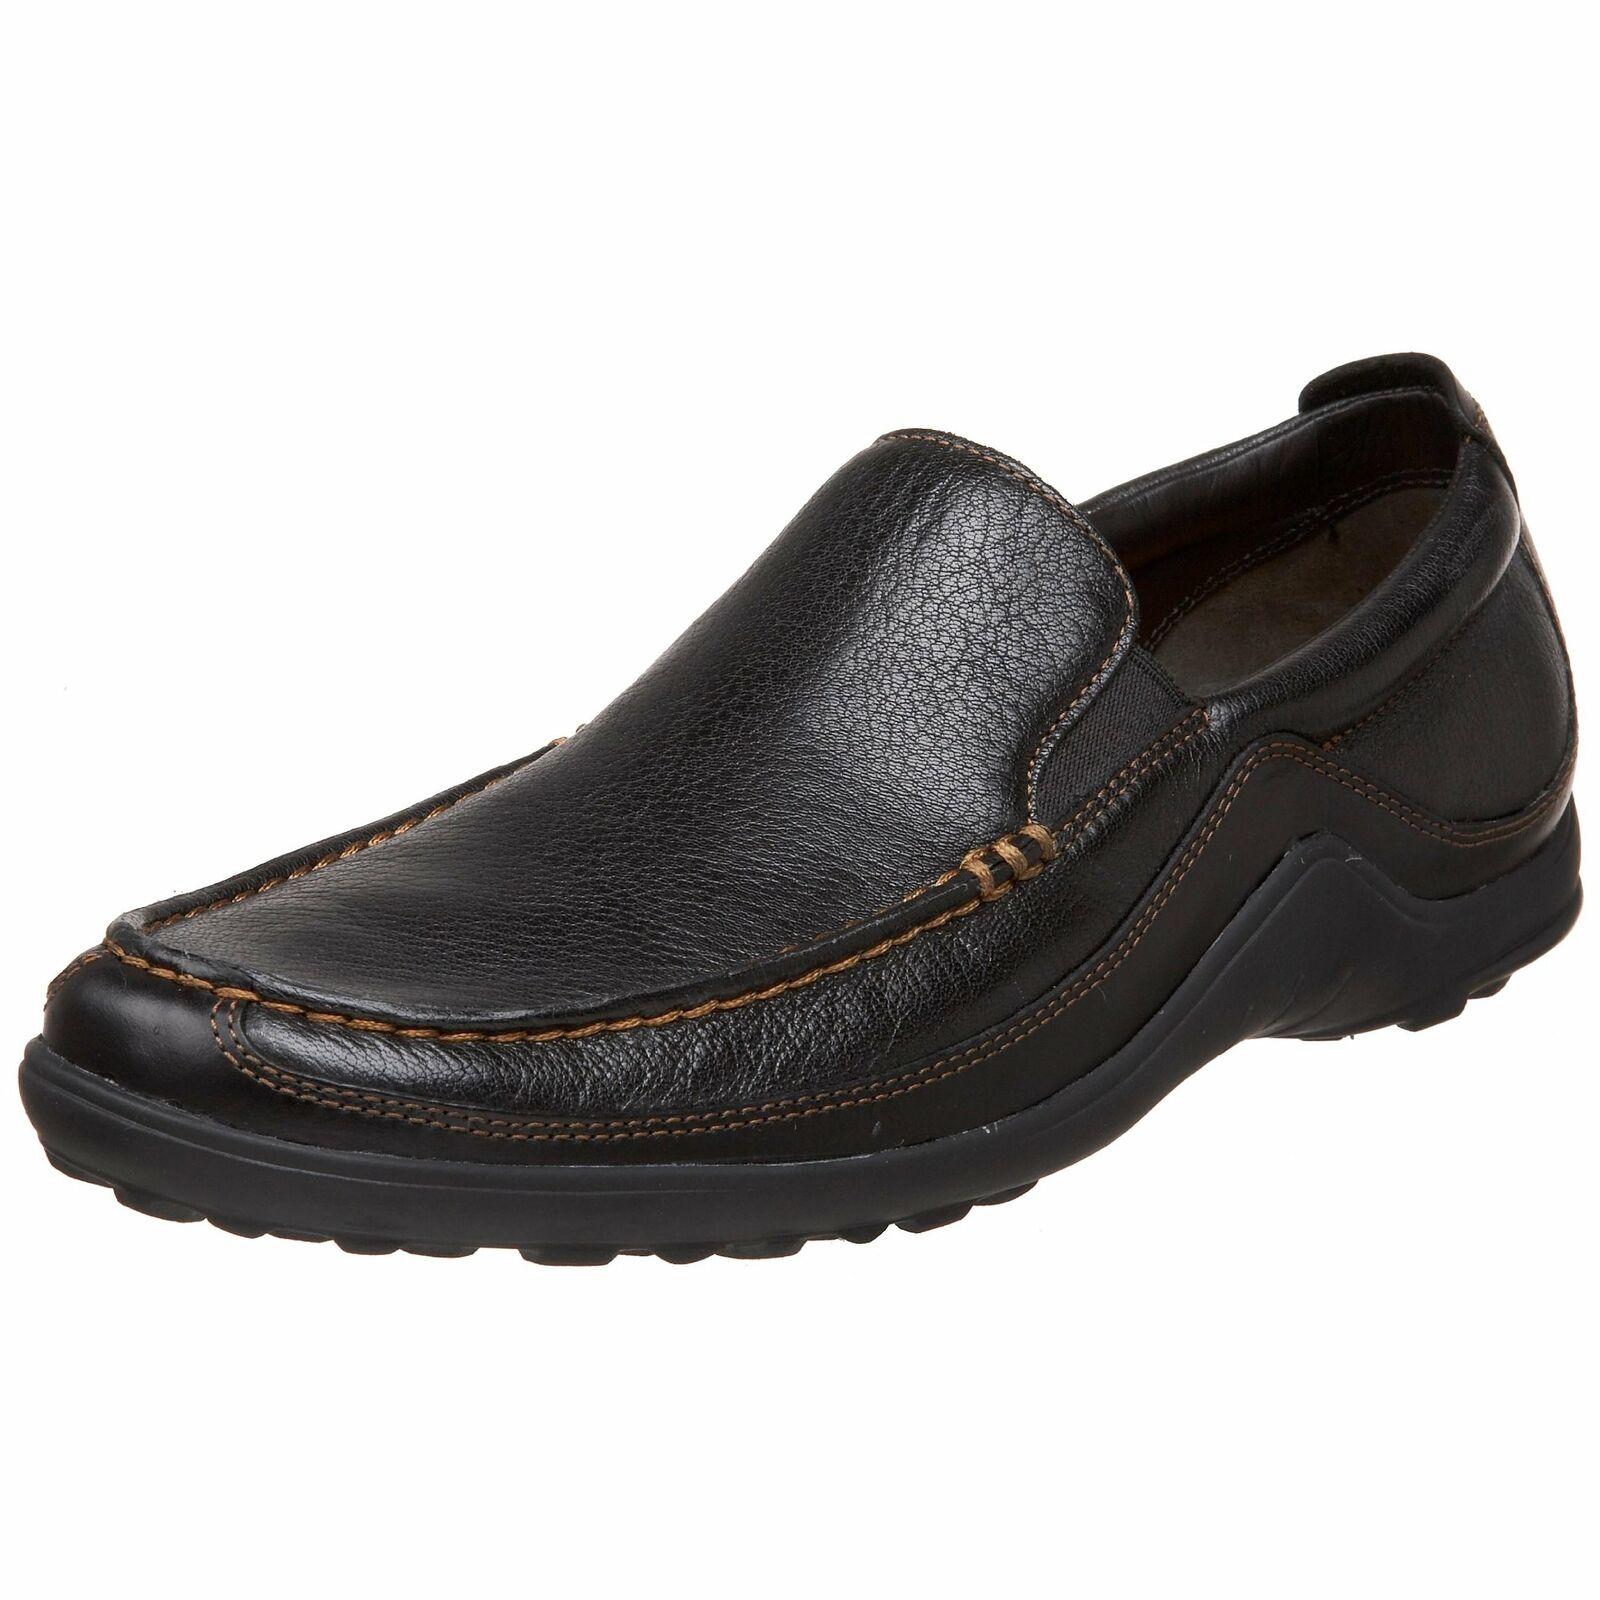 Cole Haan para hombre Tucker Venetian loafernegro 7 M US-elegir talla Color